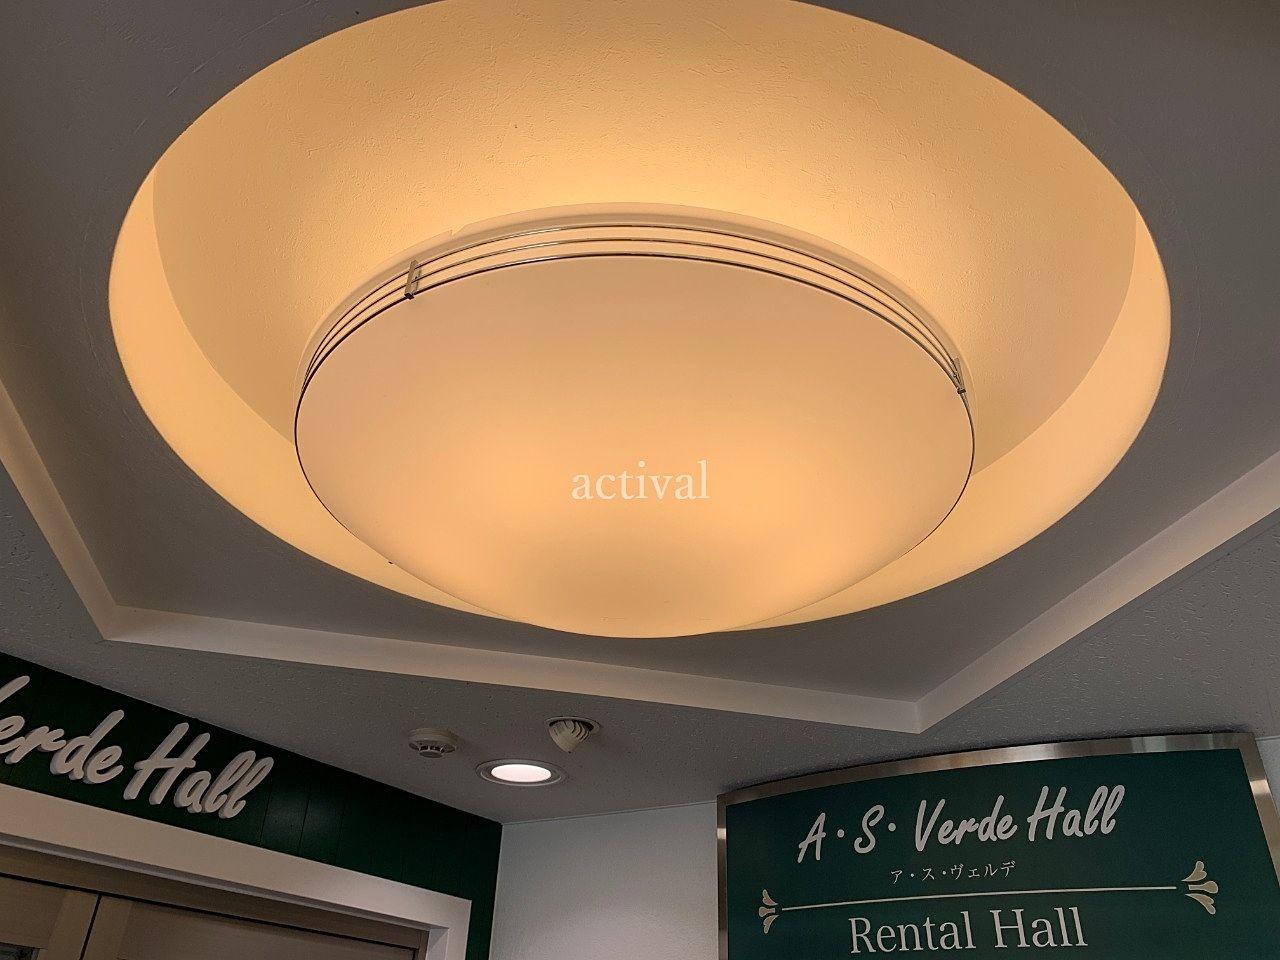 ア・ス・ヴェルデⅡのア・ス・ヴェルデホールにある照明カバーを掃除しました!!